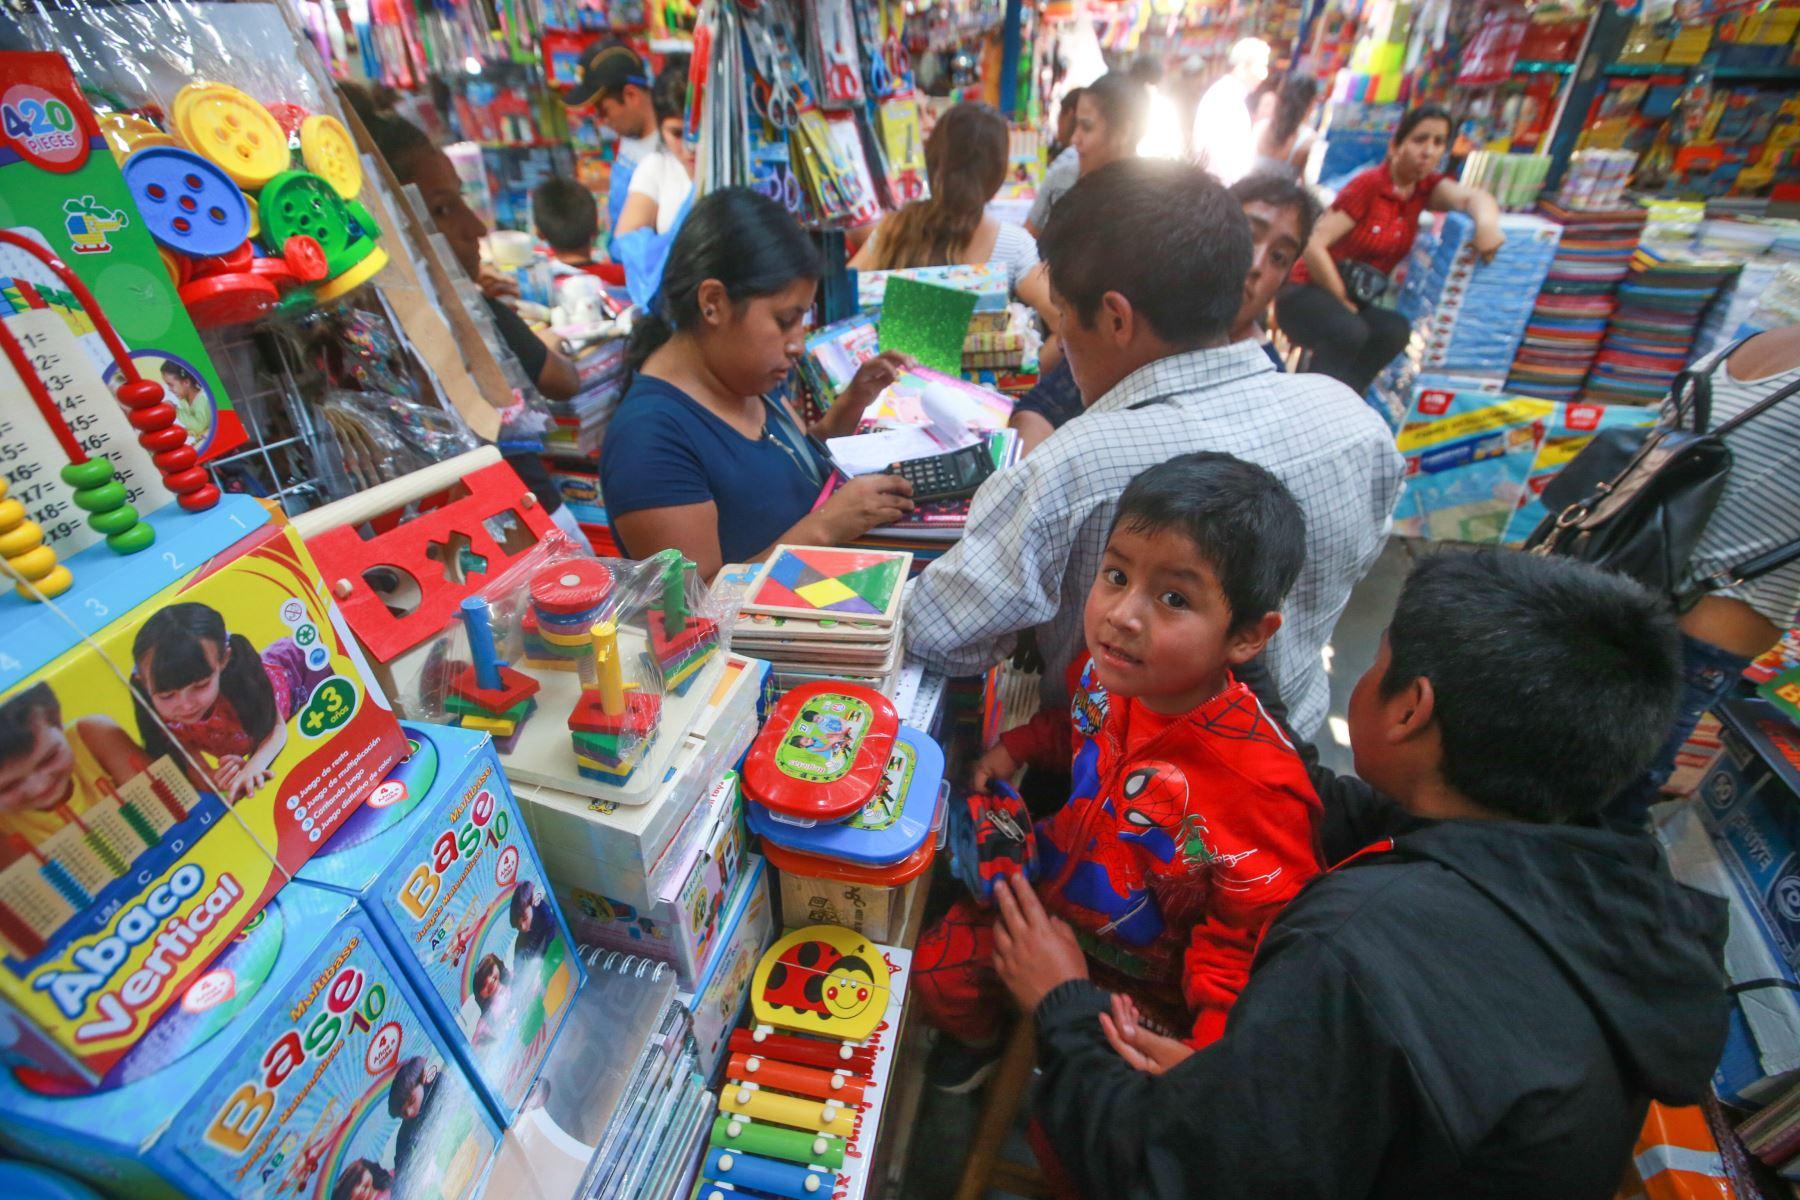 Los niños siempre quieren participar de estas compras para elegir sus colores y dibujos preferidos. Foto: ANDINA/ Jhony Laurente